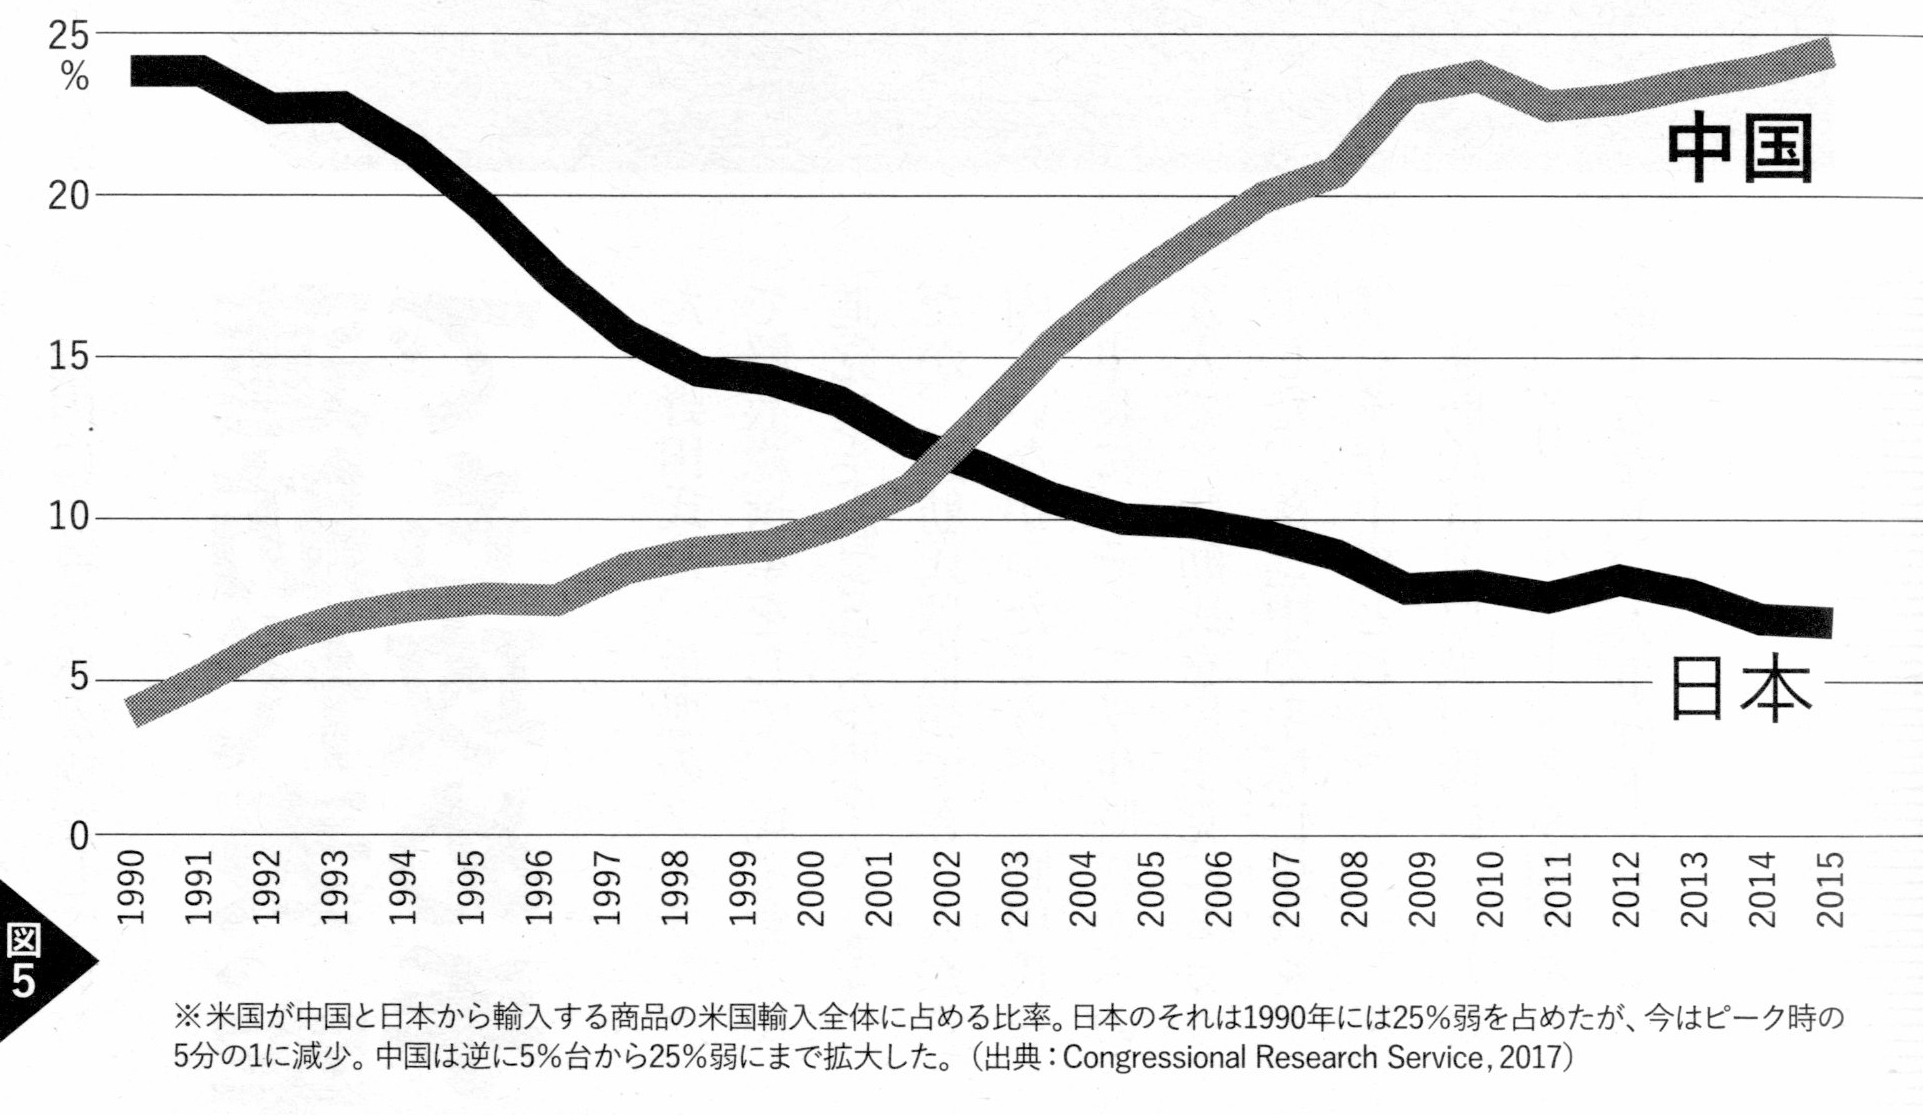 資料 矢吹晋 「日本、中国、米国」 『週刊金曜日』2017年8月4日号(グラフ、貿易相手国)